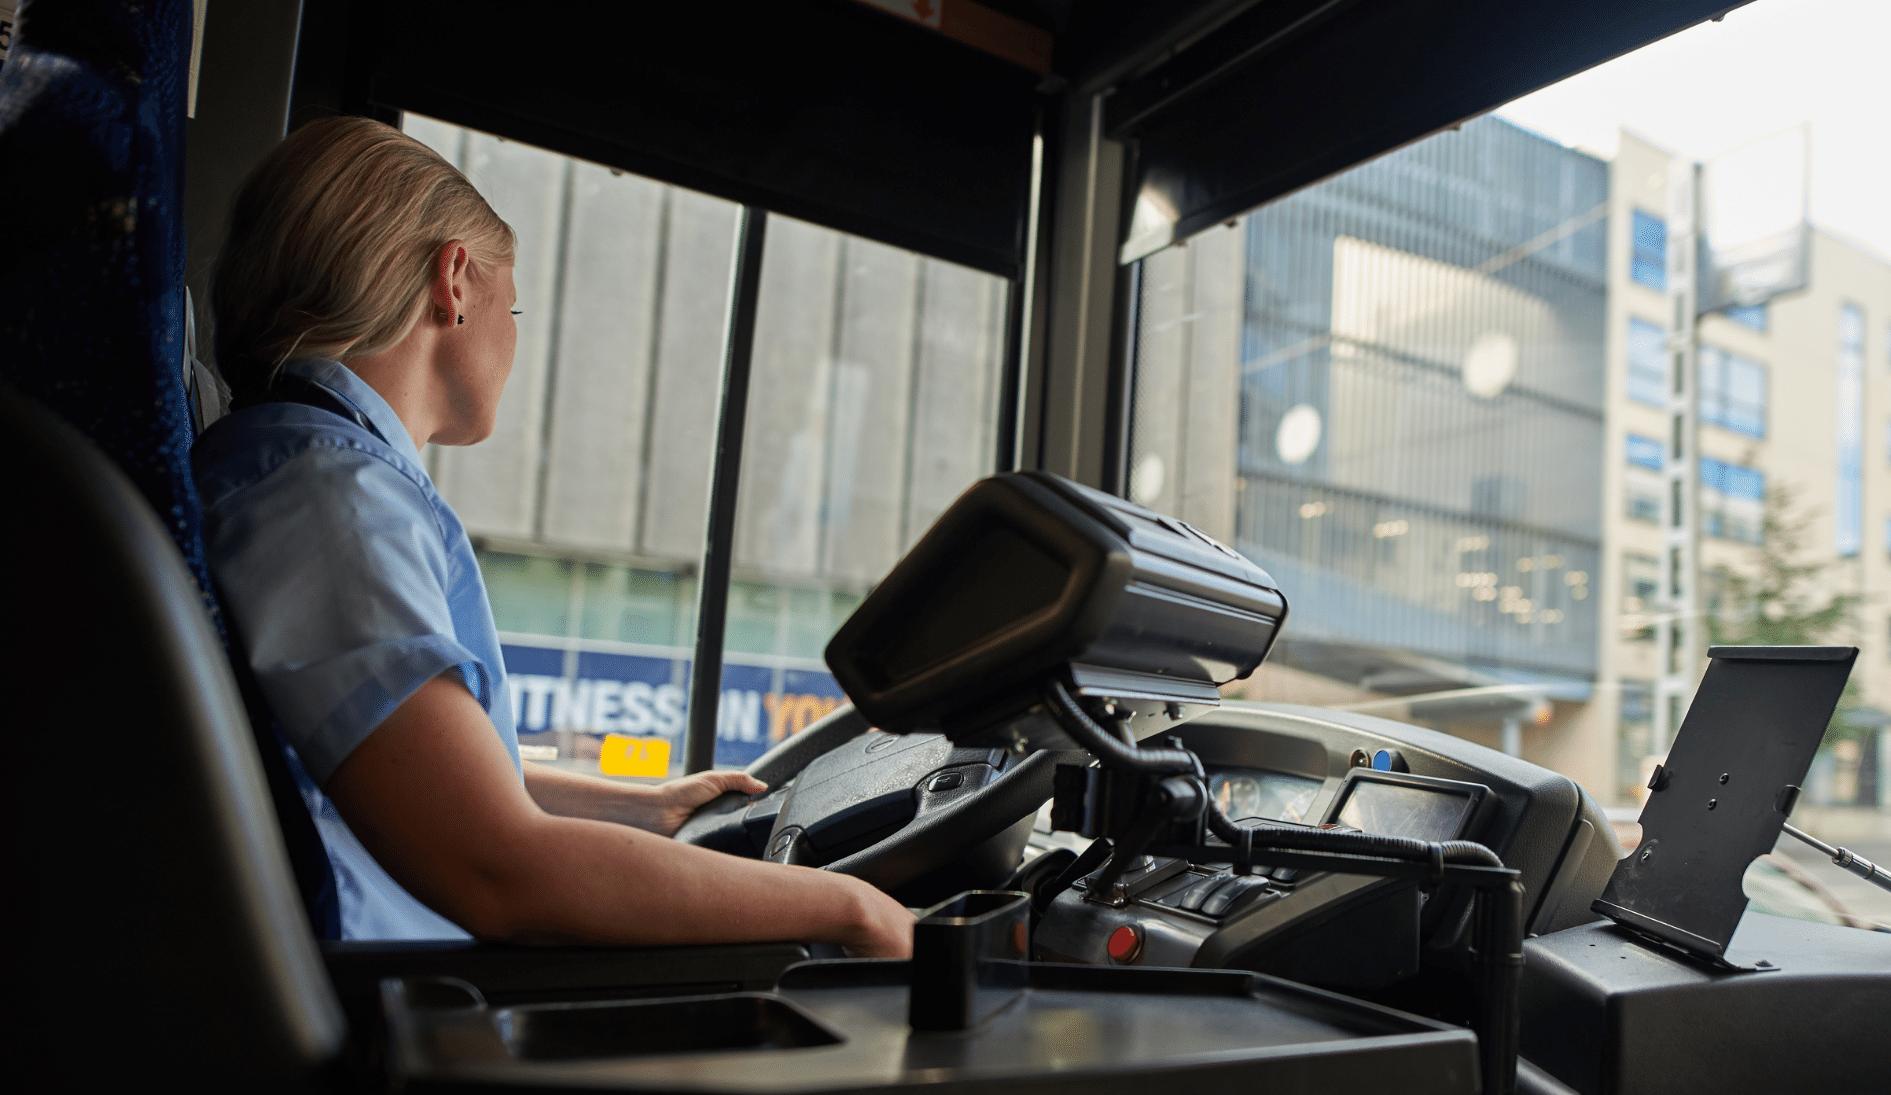 Nysse-kuljettaja ratissa Kuva Tampereen seudun joukkoliikenne